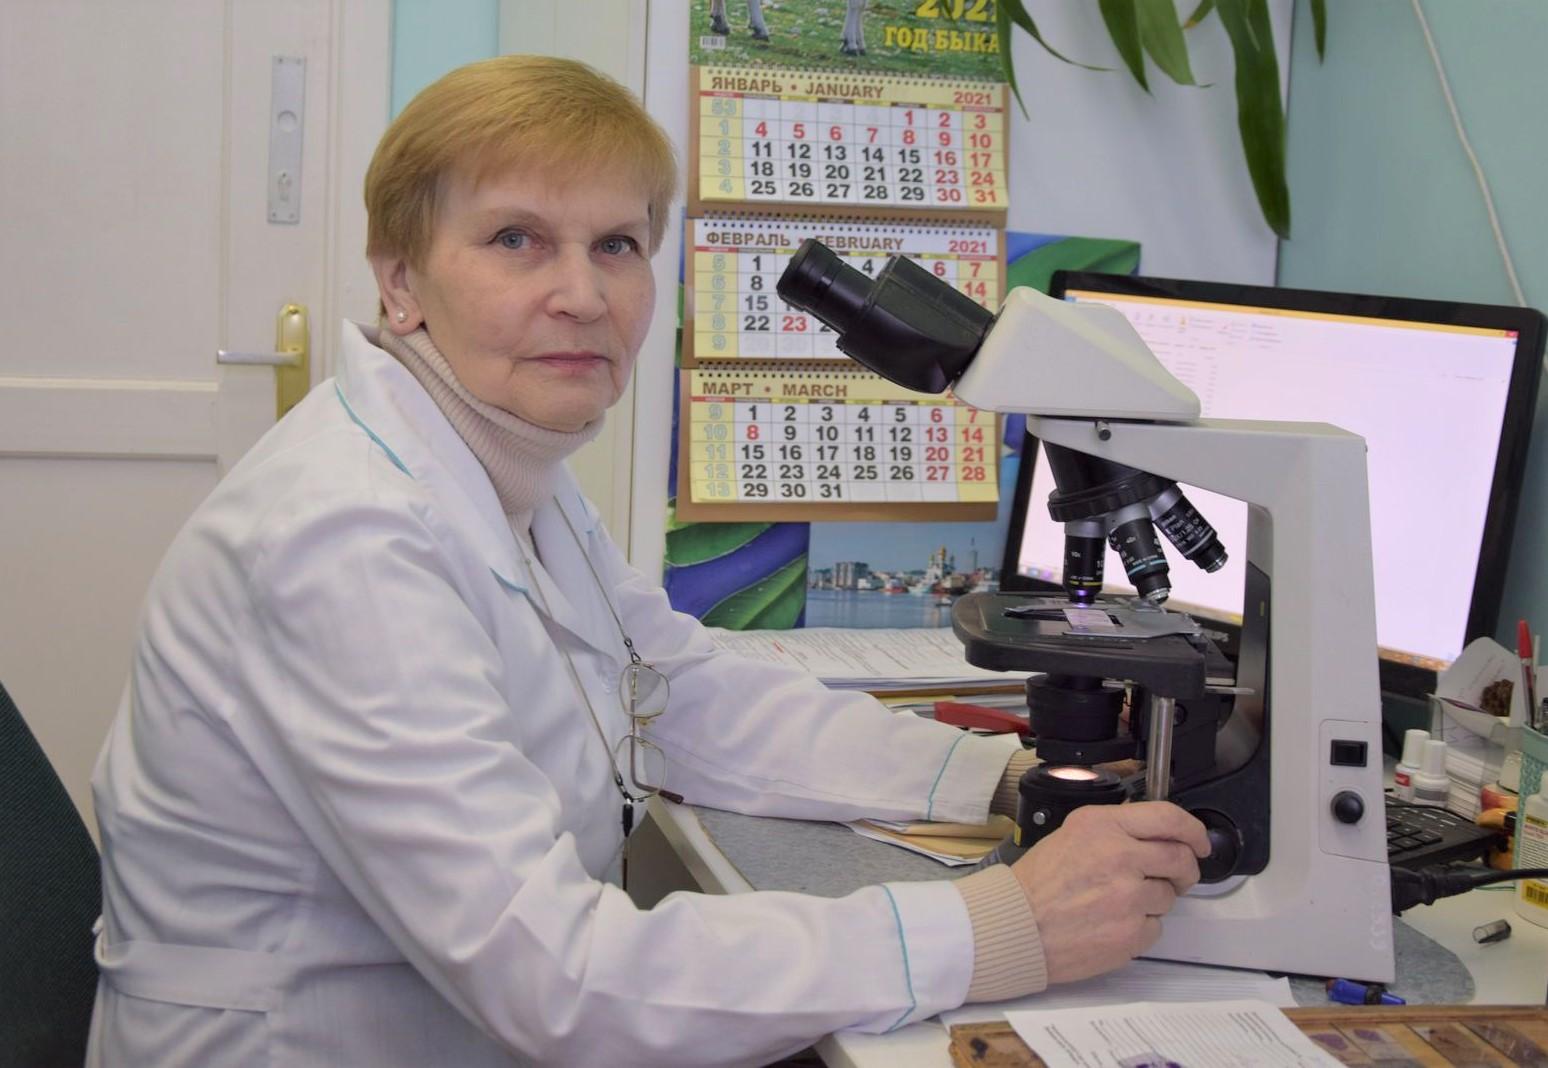 Татьяна Пославская: «В микроскопе страшная болезнь бывает такой красивой!»